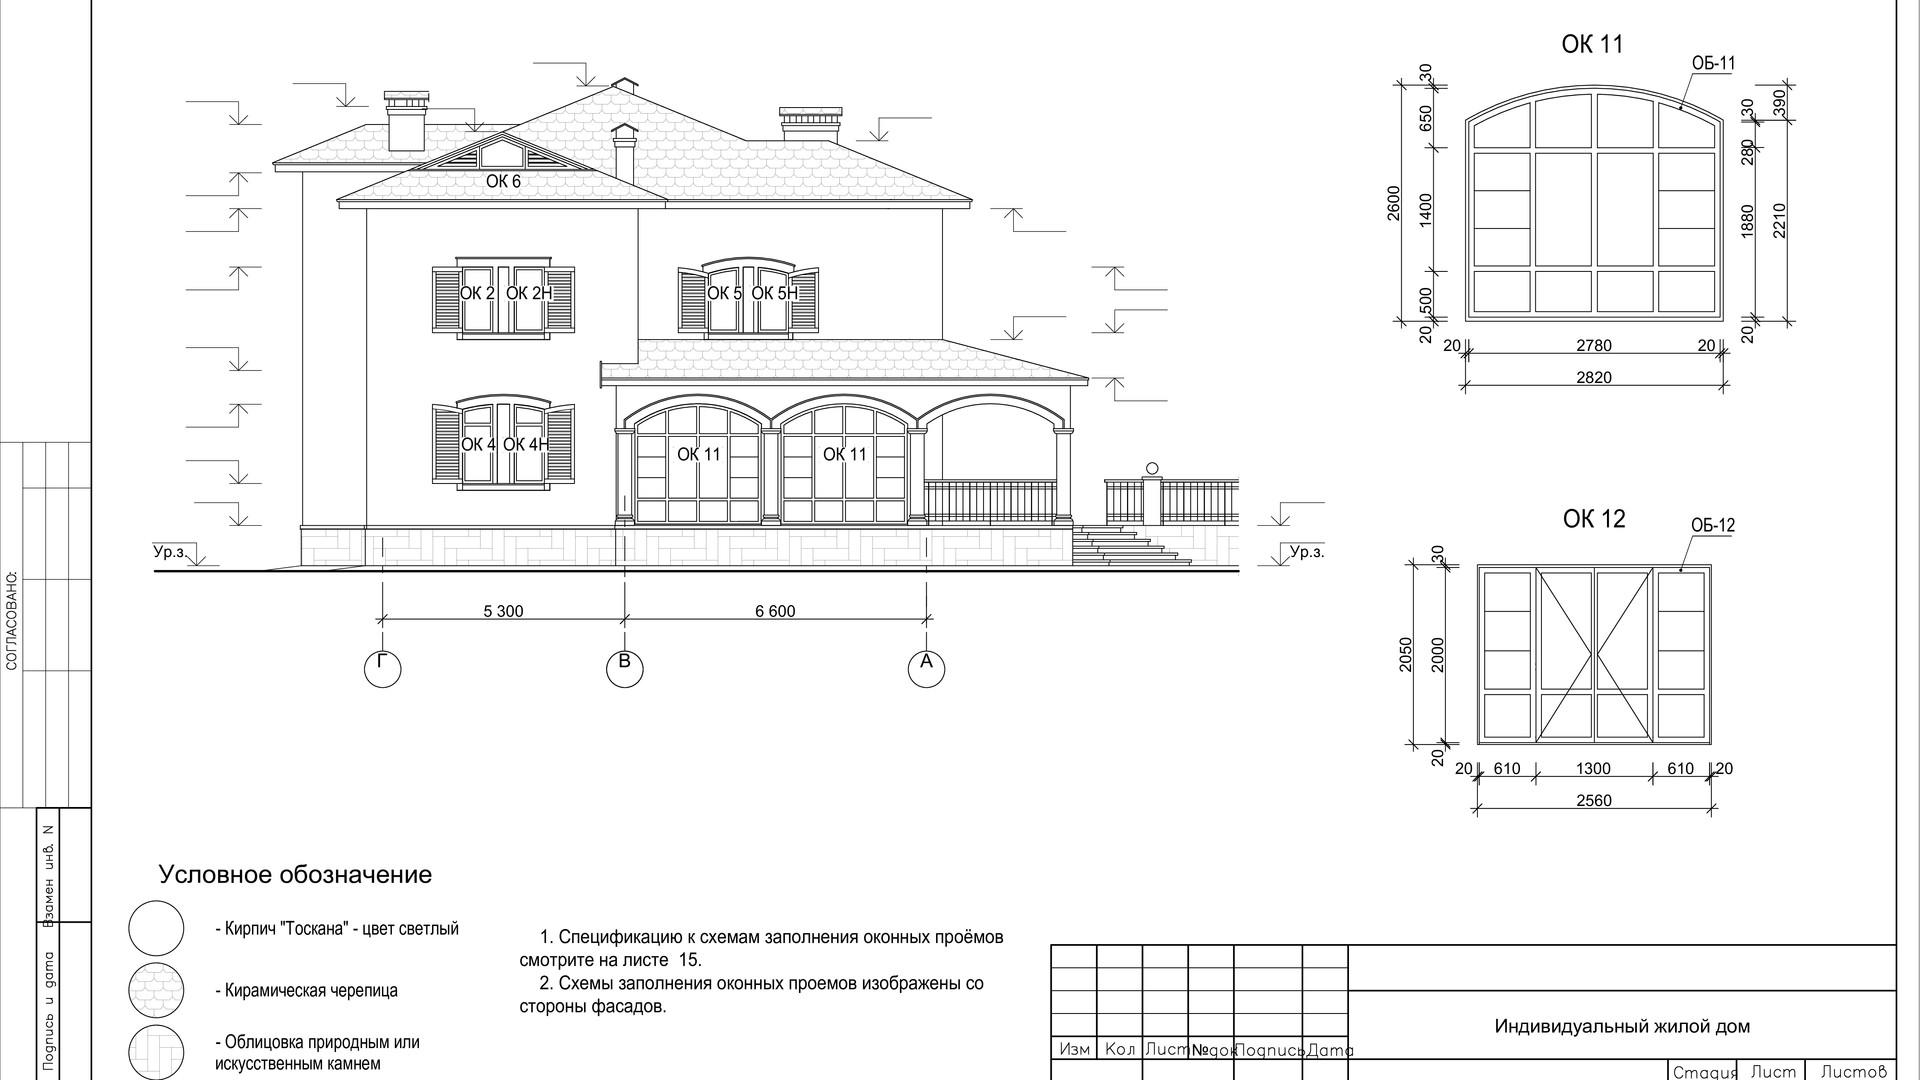 1. Фасад 3_А2 (pdf.io)_исходные данные.j